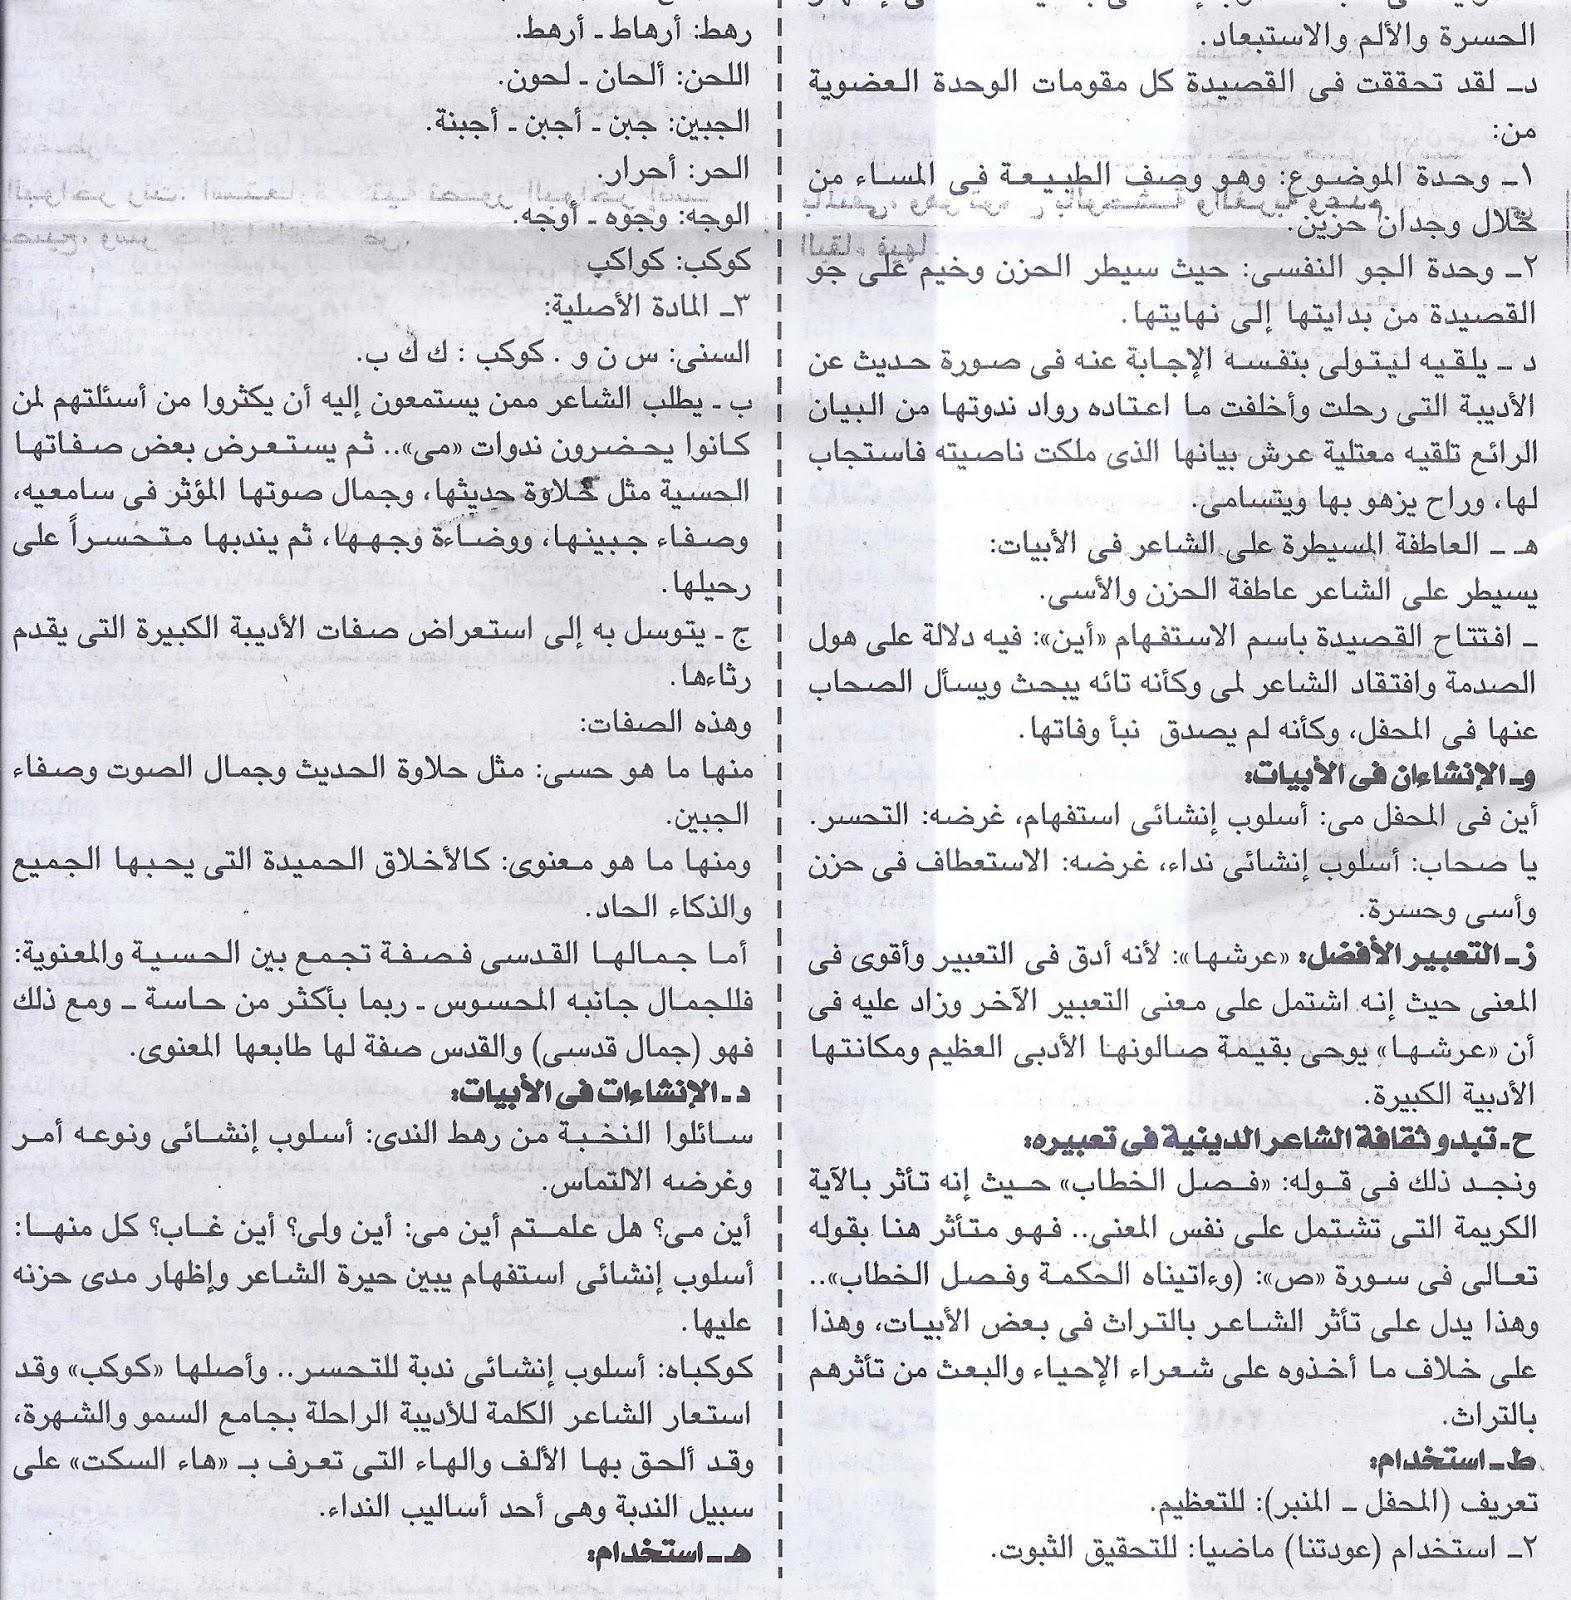 اهم توقعات النصوص للثانوية العامة.. ملحق الجمهورية التعليمي Scan0030